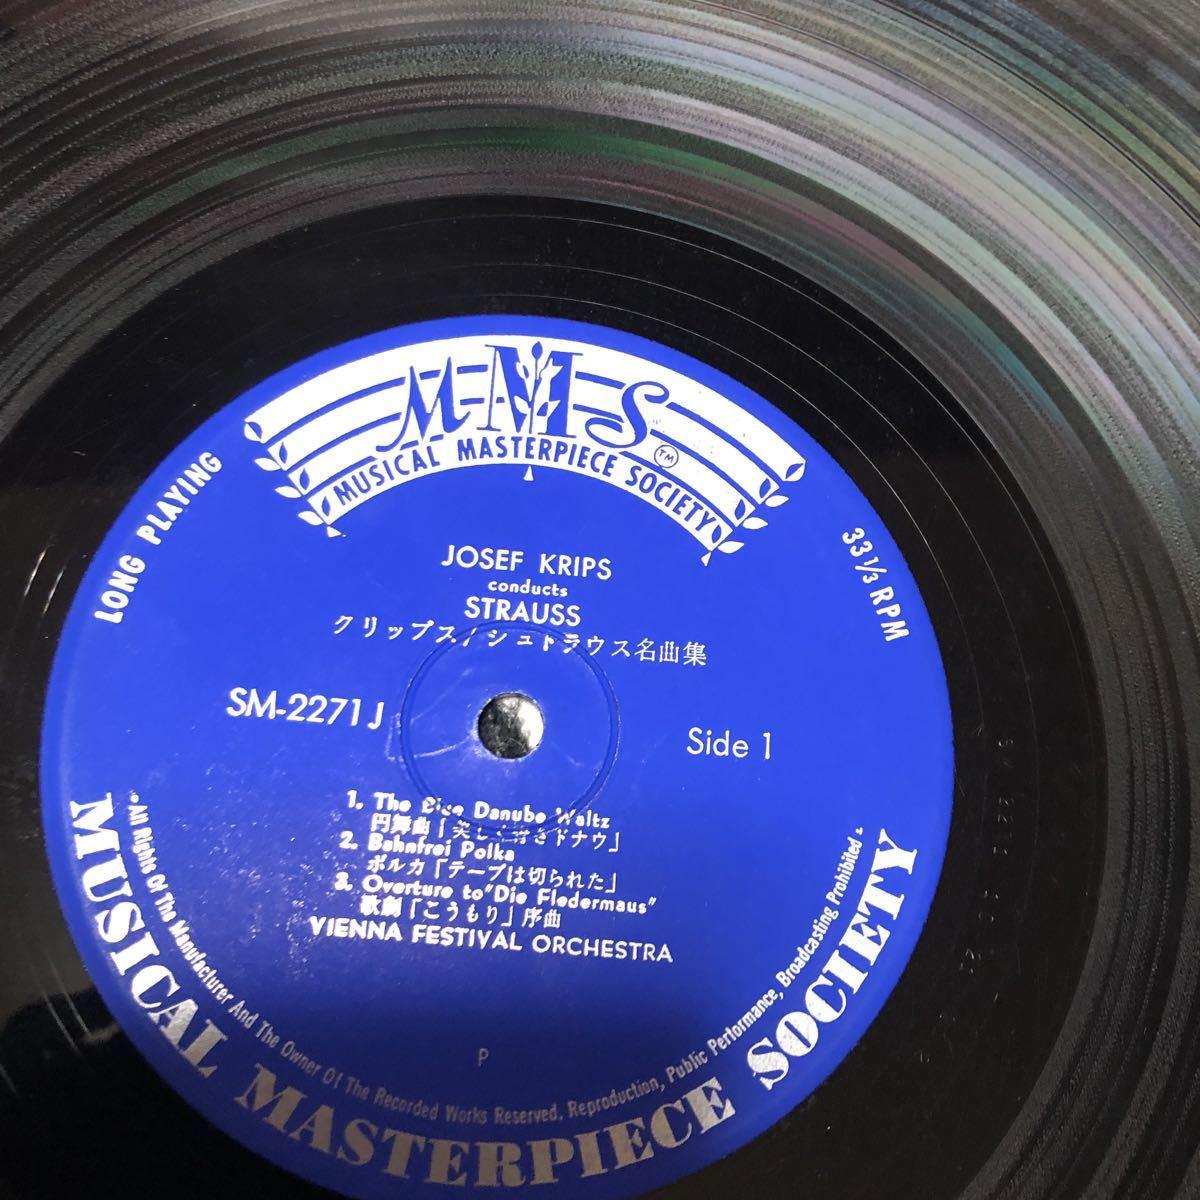 激レア盤★中さん★LPレコード★ JOSEF KRIPS ★クリップス シュトラウス名曲集★レコード多数出品中_画像4